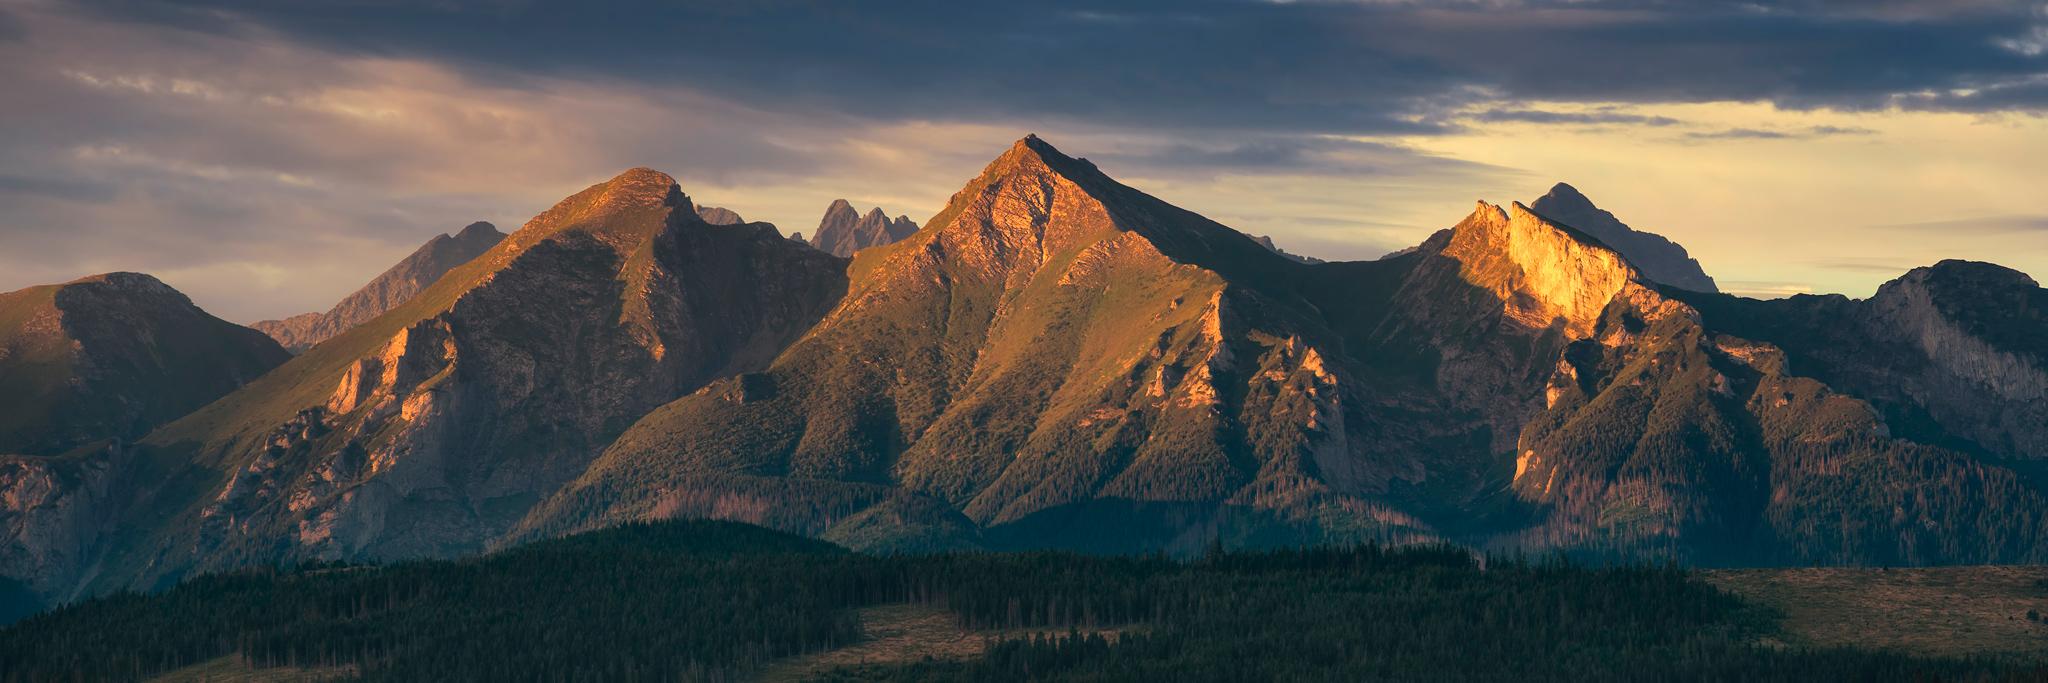 tatry bielskie, krajobraz górski do wydruku, tatry na zdjeciach, wydruk fotografii krajobrazowej, polskie pejzaże, marcin kęsek fotografia, murań, płaczliwa skała, hawrań, panoramy tatry